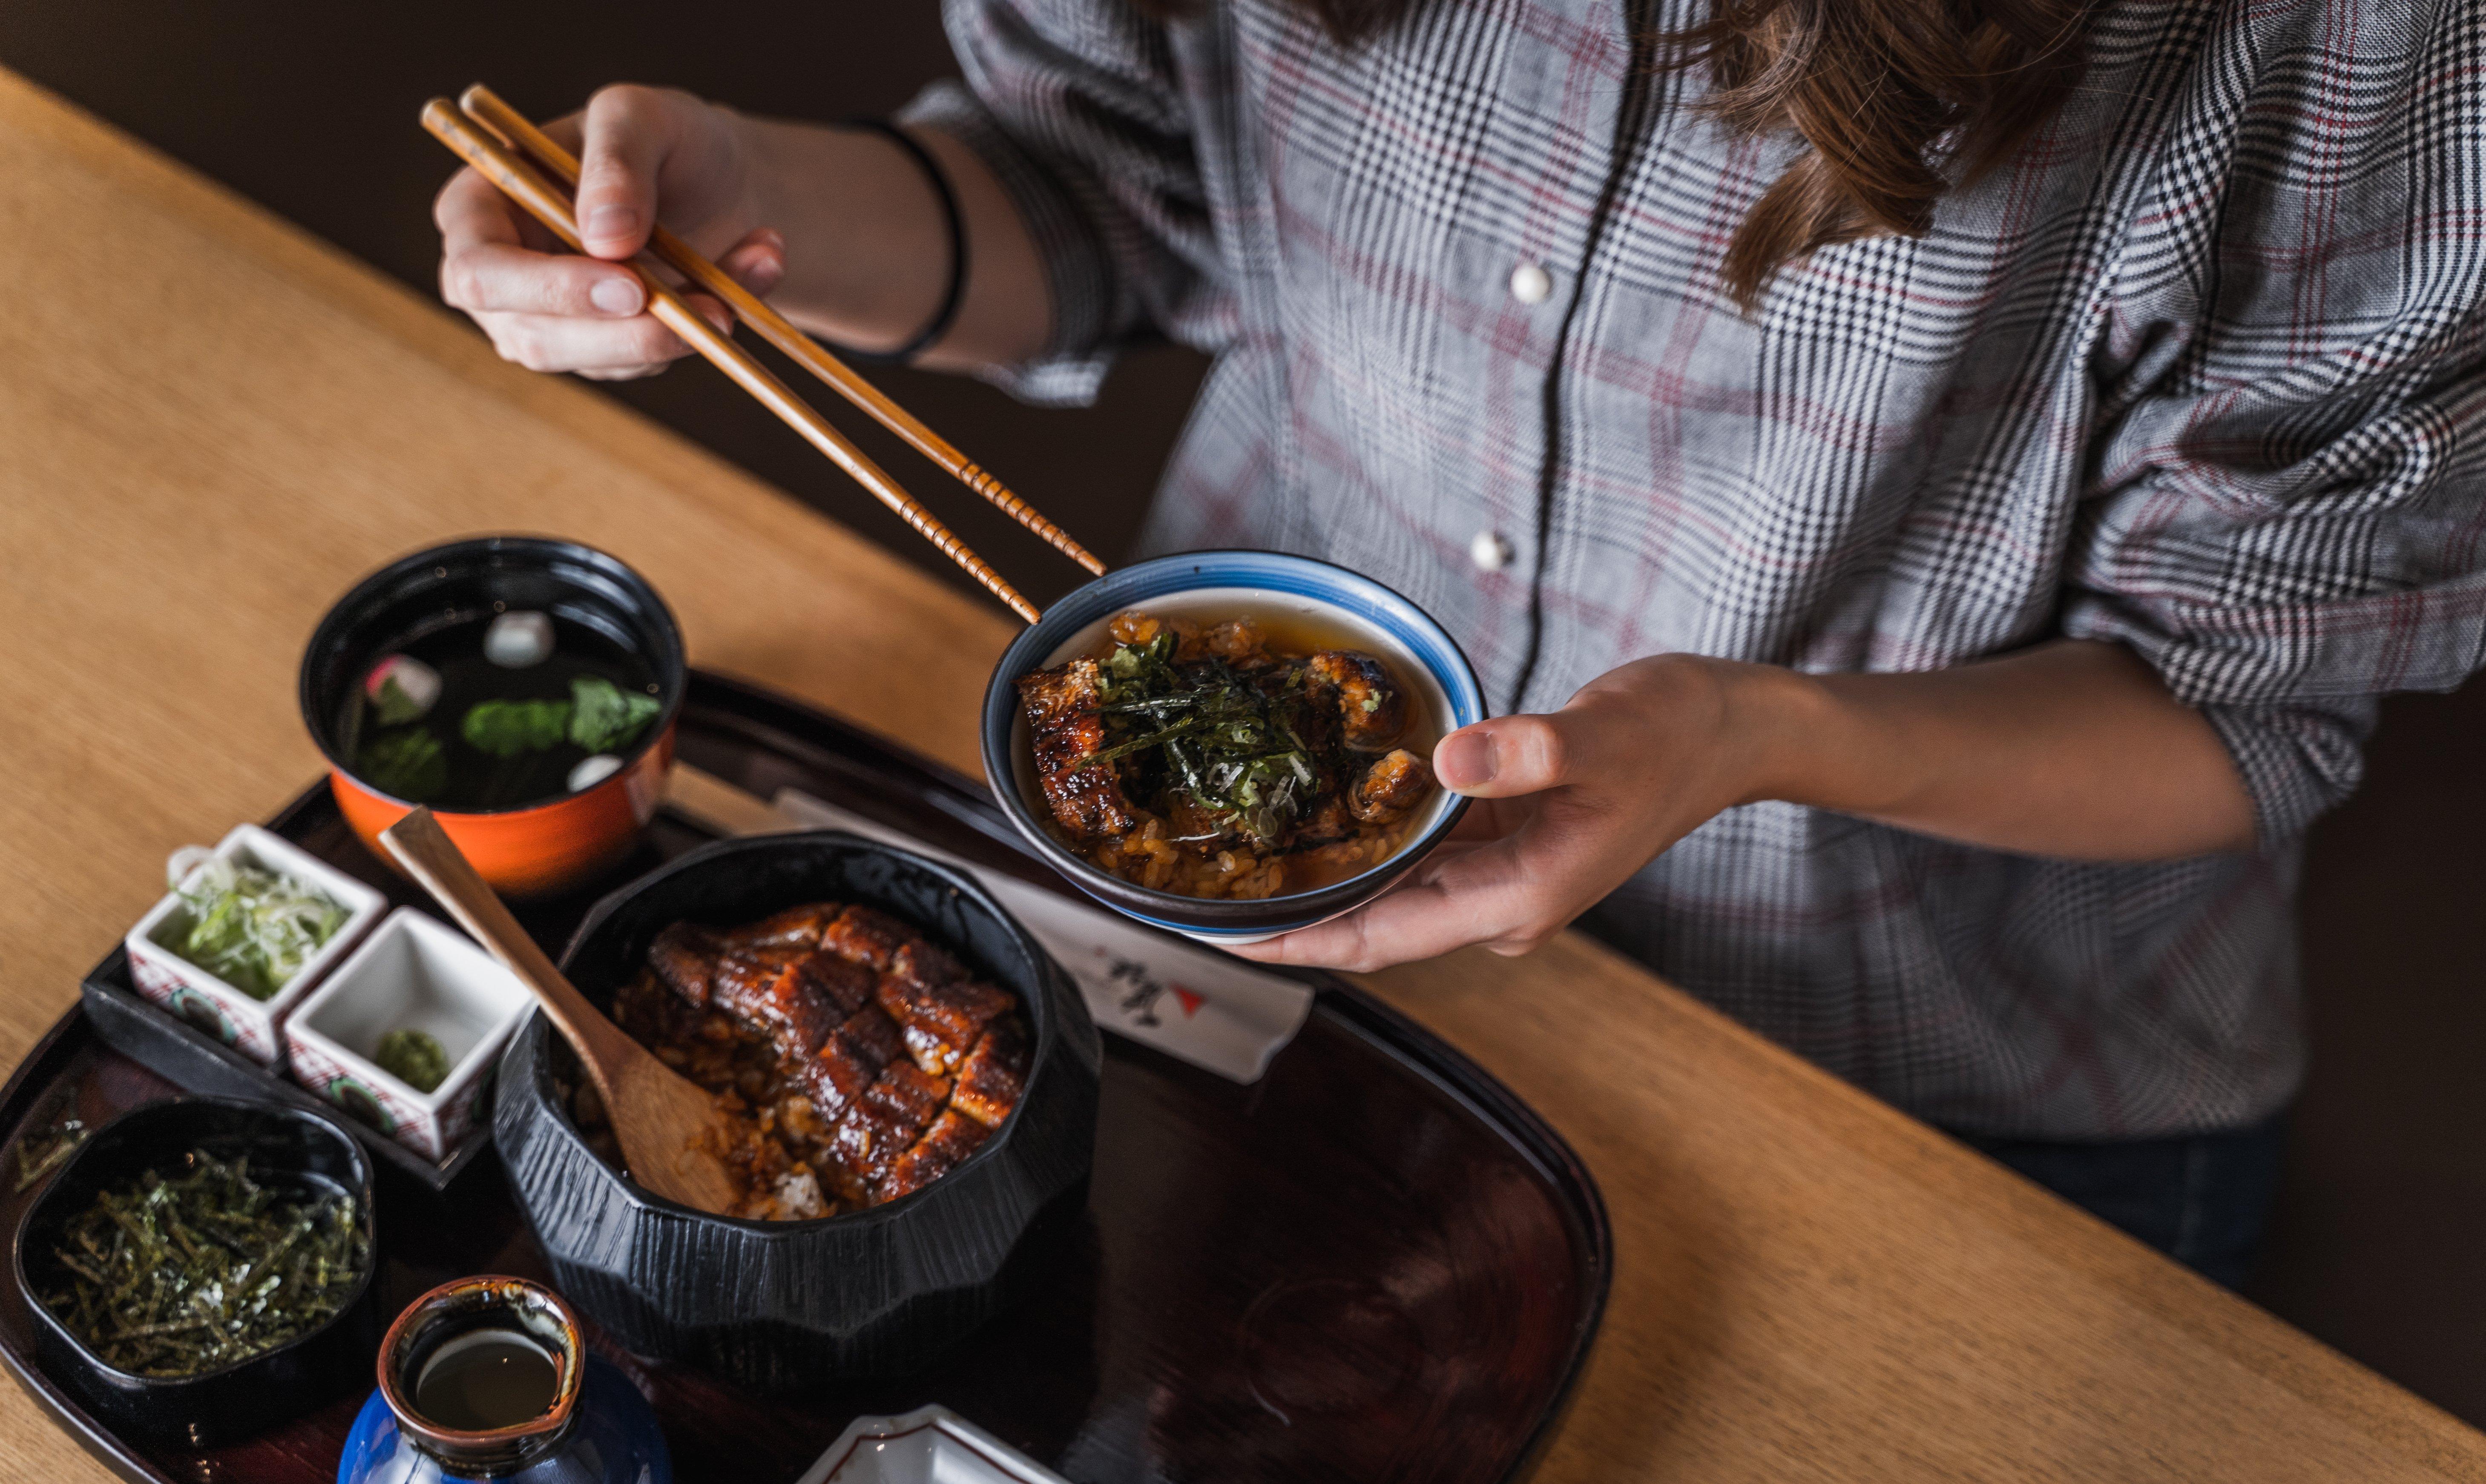 鰻魚三吃名古屋備長-MARRONNIER GATE 銀座1店-「華」備長會席料理套餐